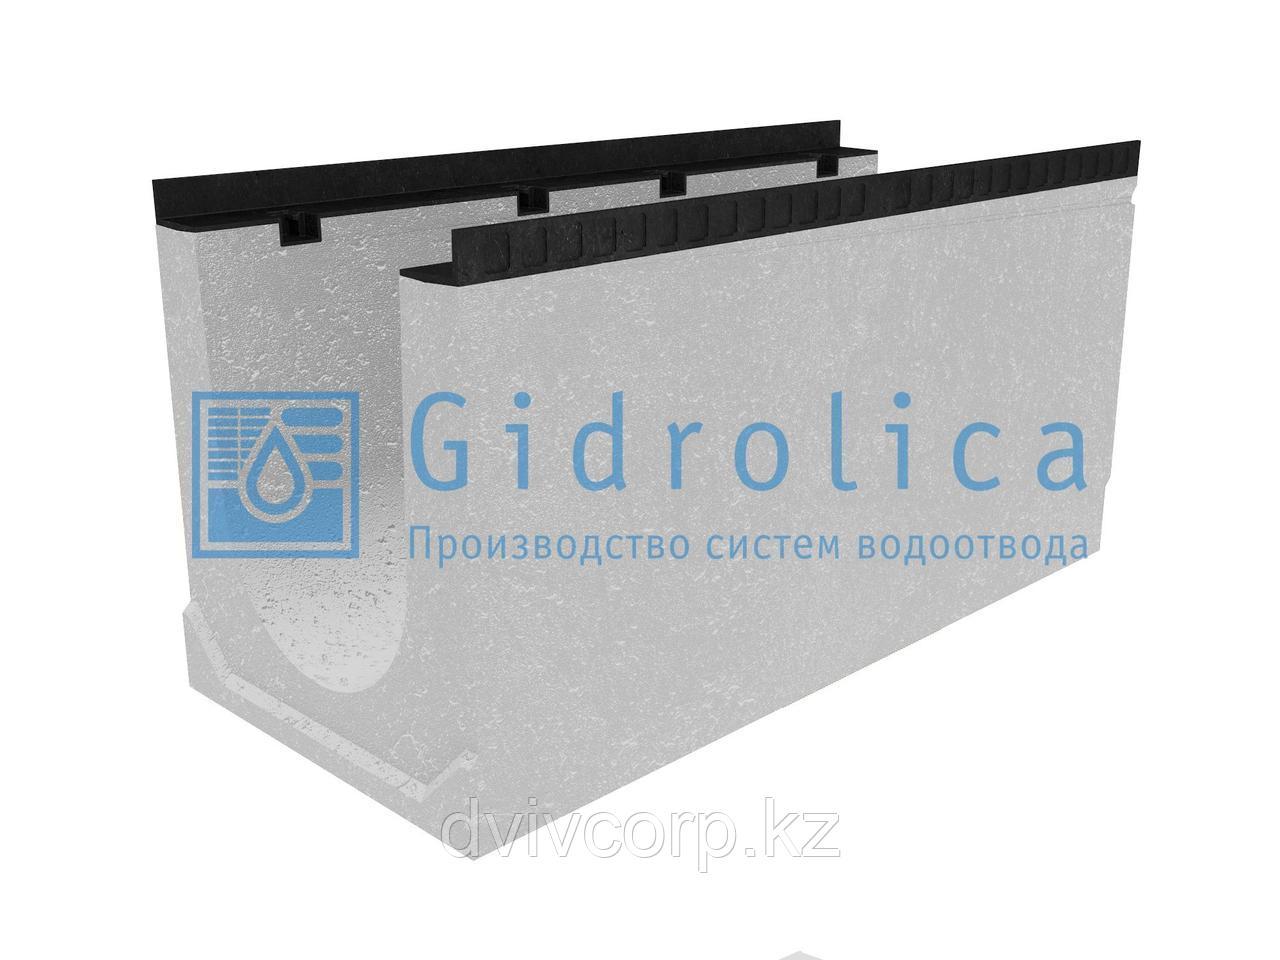 Лоток водоотводный бетонный коробчатый (СО-300мм), с уклоном 0,5%  КUу 100.44(30).50,5(43,5) - BGМ, № 11